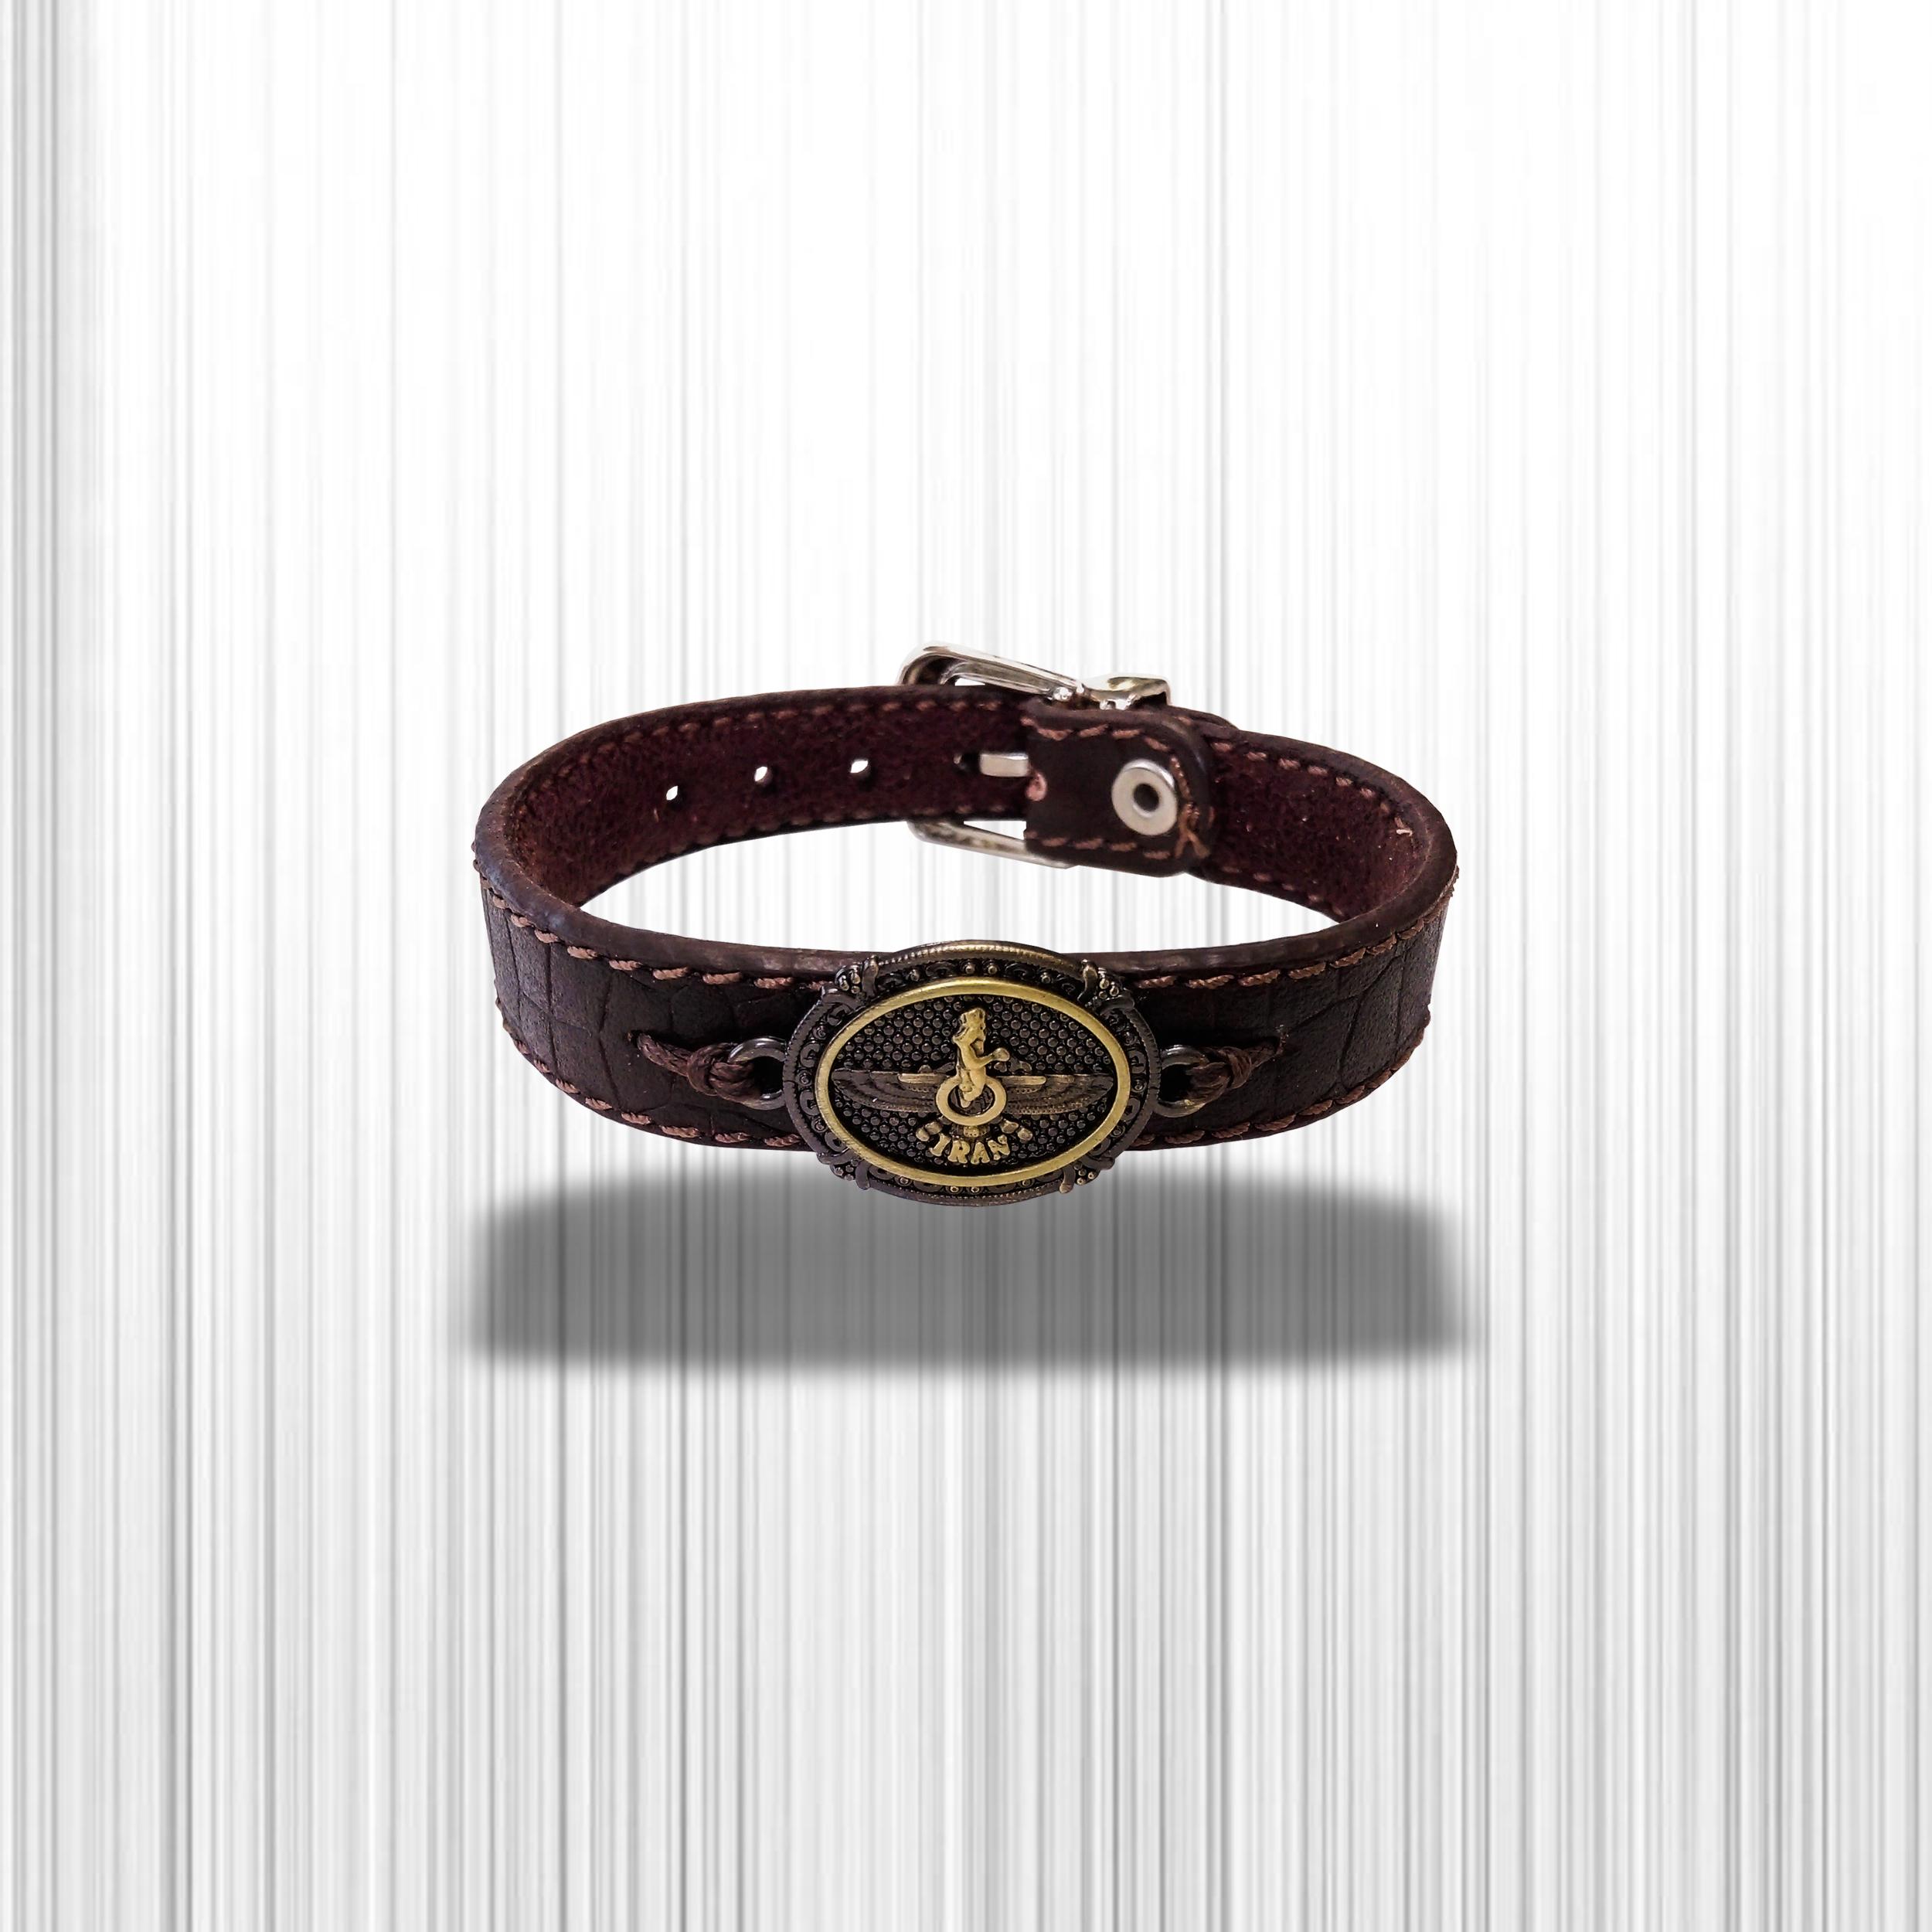 دستبند چرم وارک مدل پرهام کد rb60 main 1 4